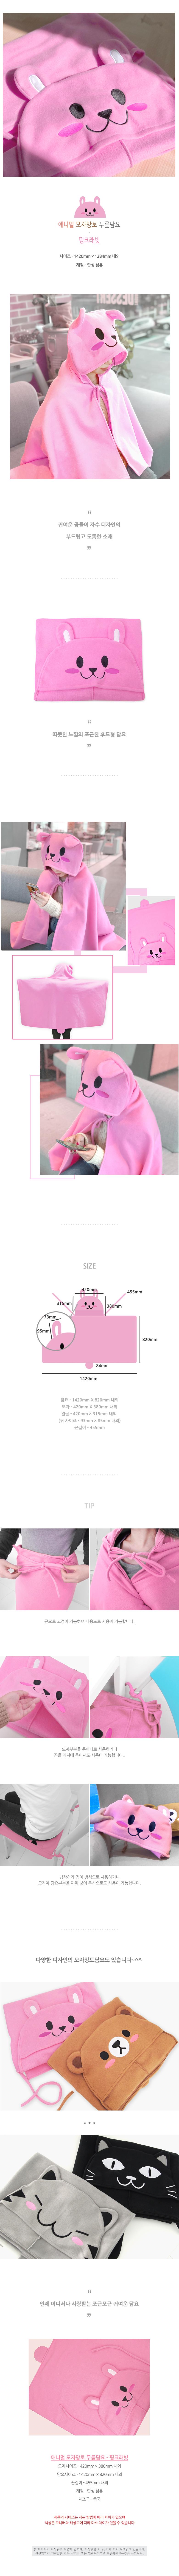 애니멀 모자망토 무릎담요 - 핑크래빗 - 투영, 15,000원, 담요/블랑켓, 쿠션/망토형